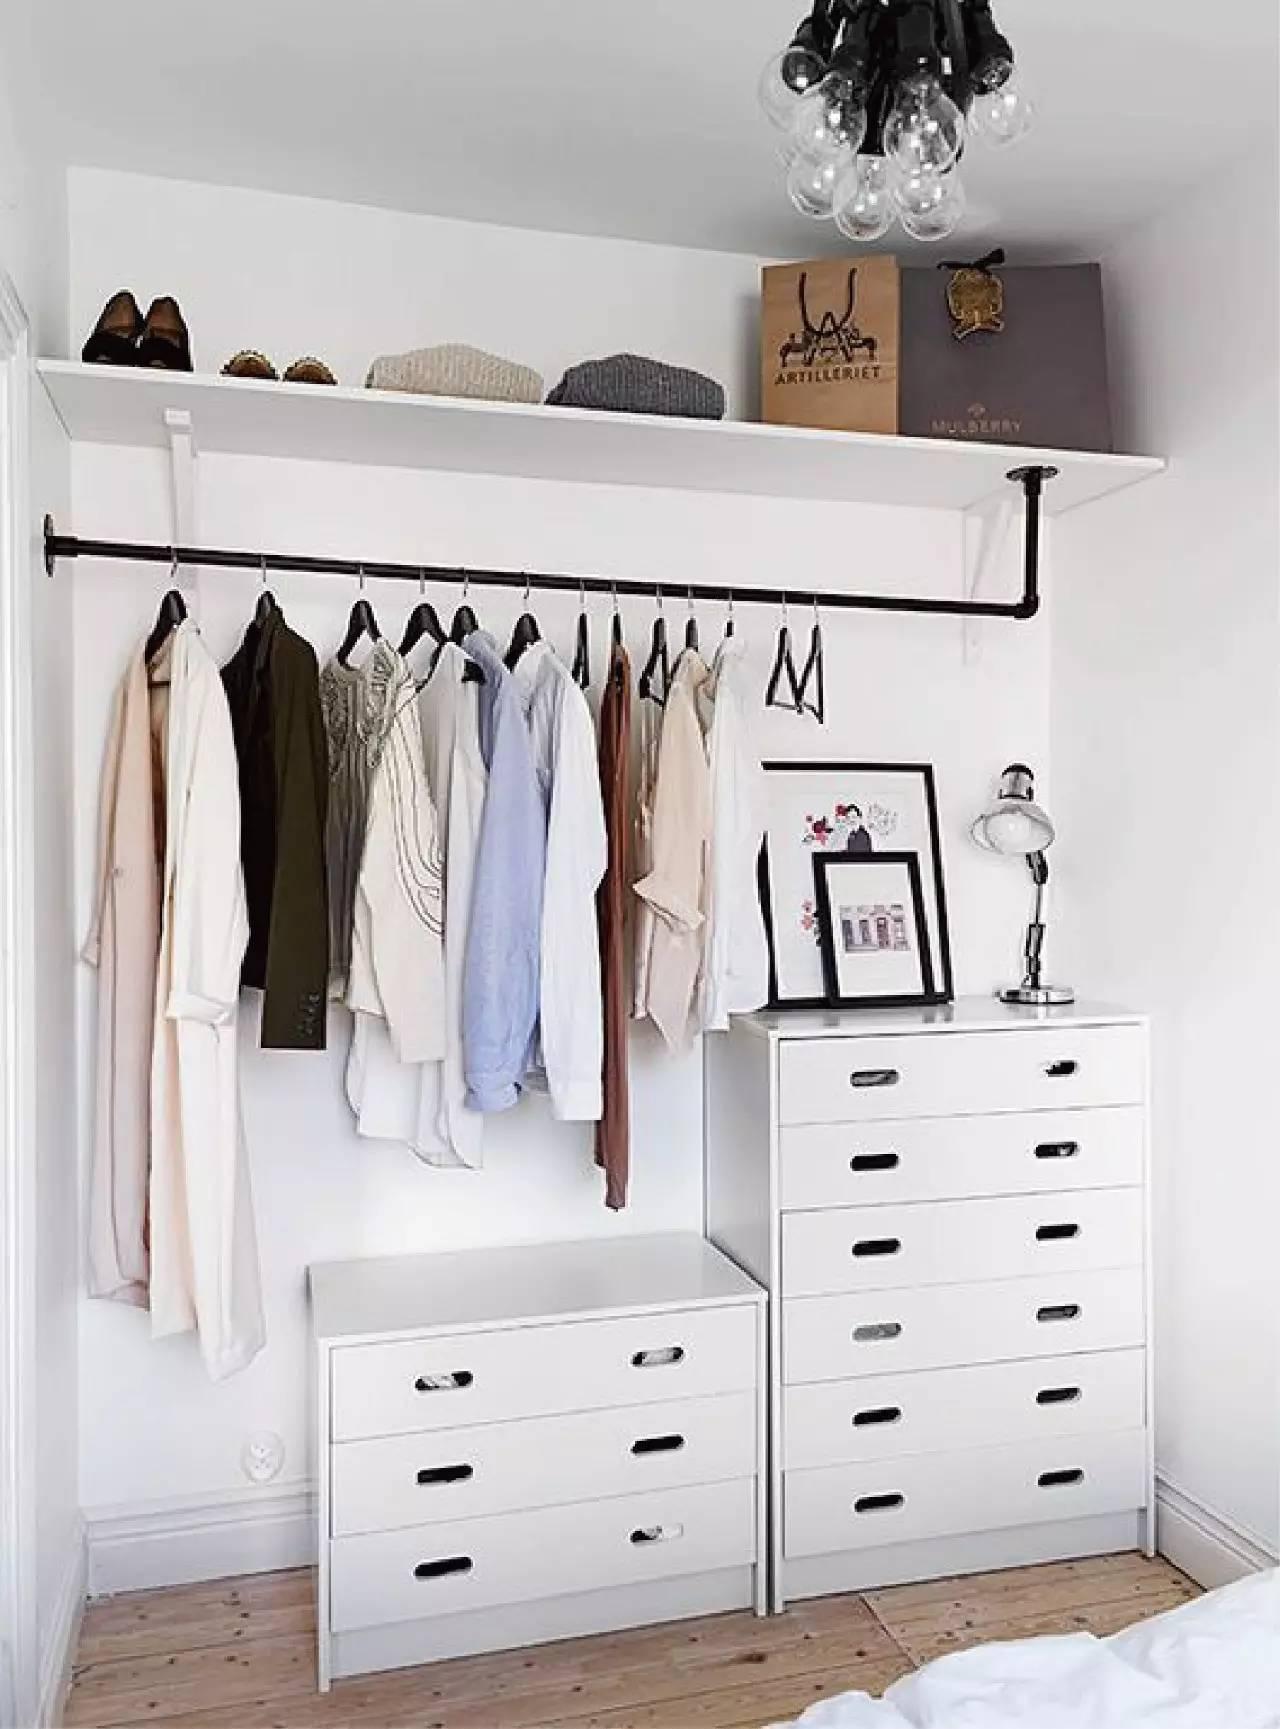 Những kiểu dáng tủ quần áo vừa thời trang vừa giúp đựng được vô số đồ đạc dành cho nhà nhỏ - Ảnh 2.